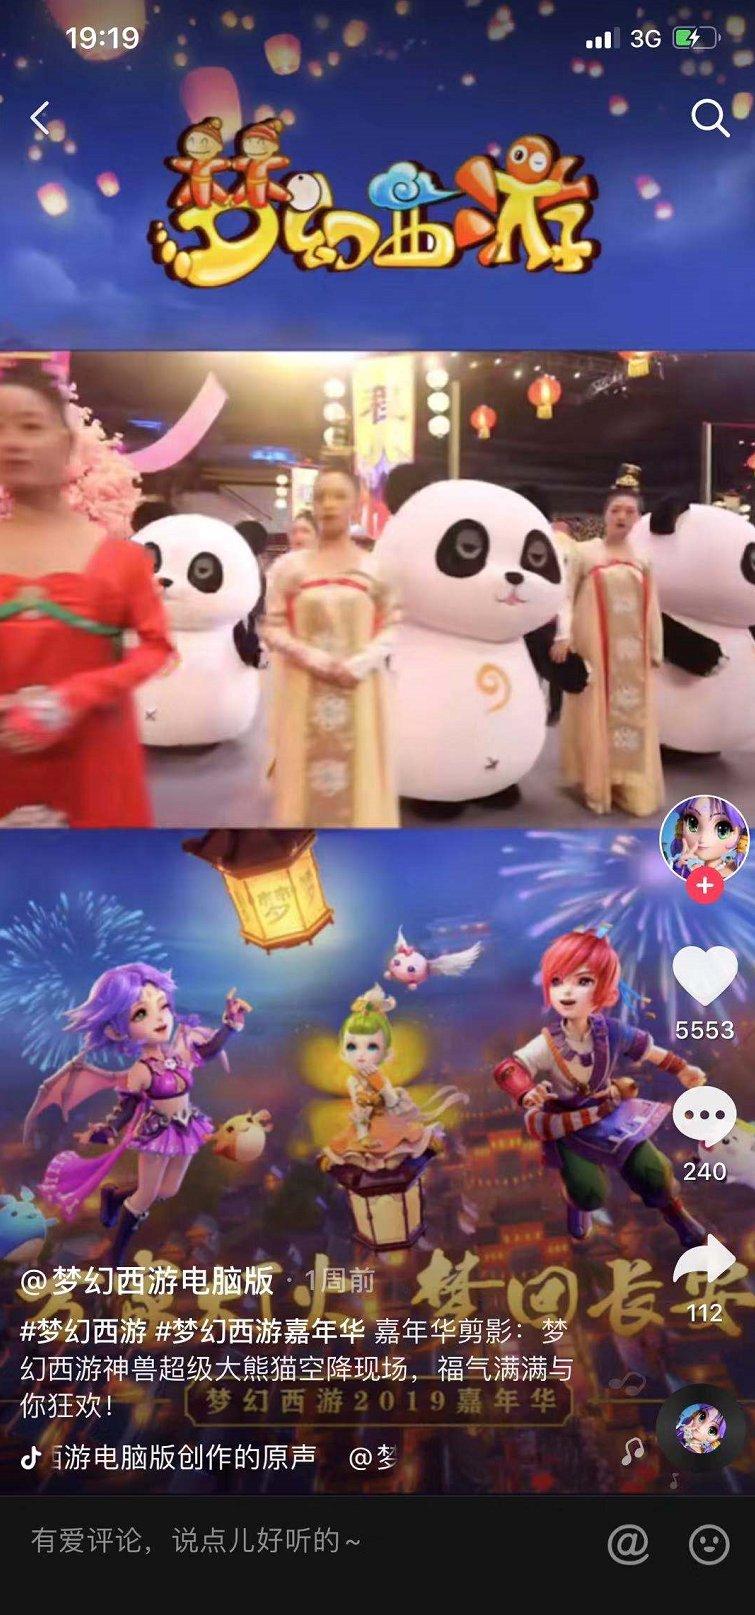 萌动嘉年华,《梦幻西游》电脑版大熊猫受热捧